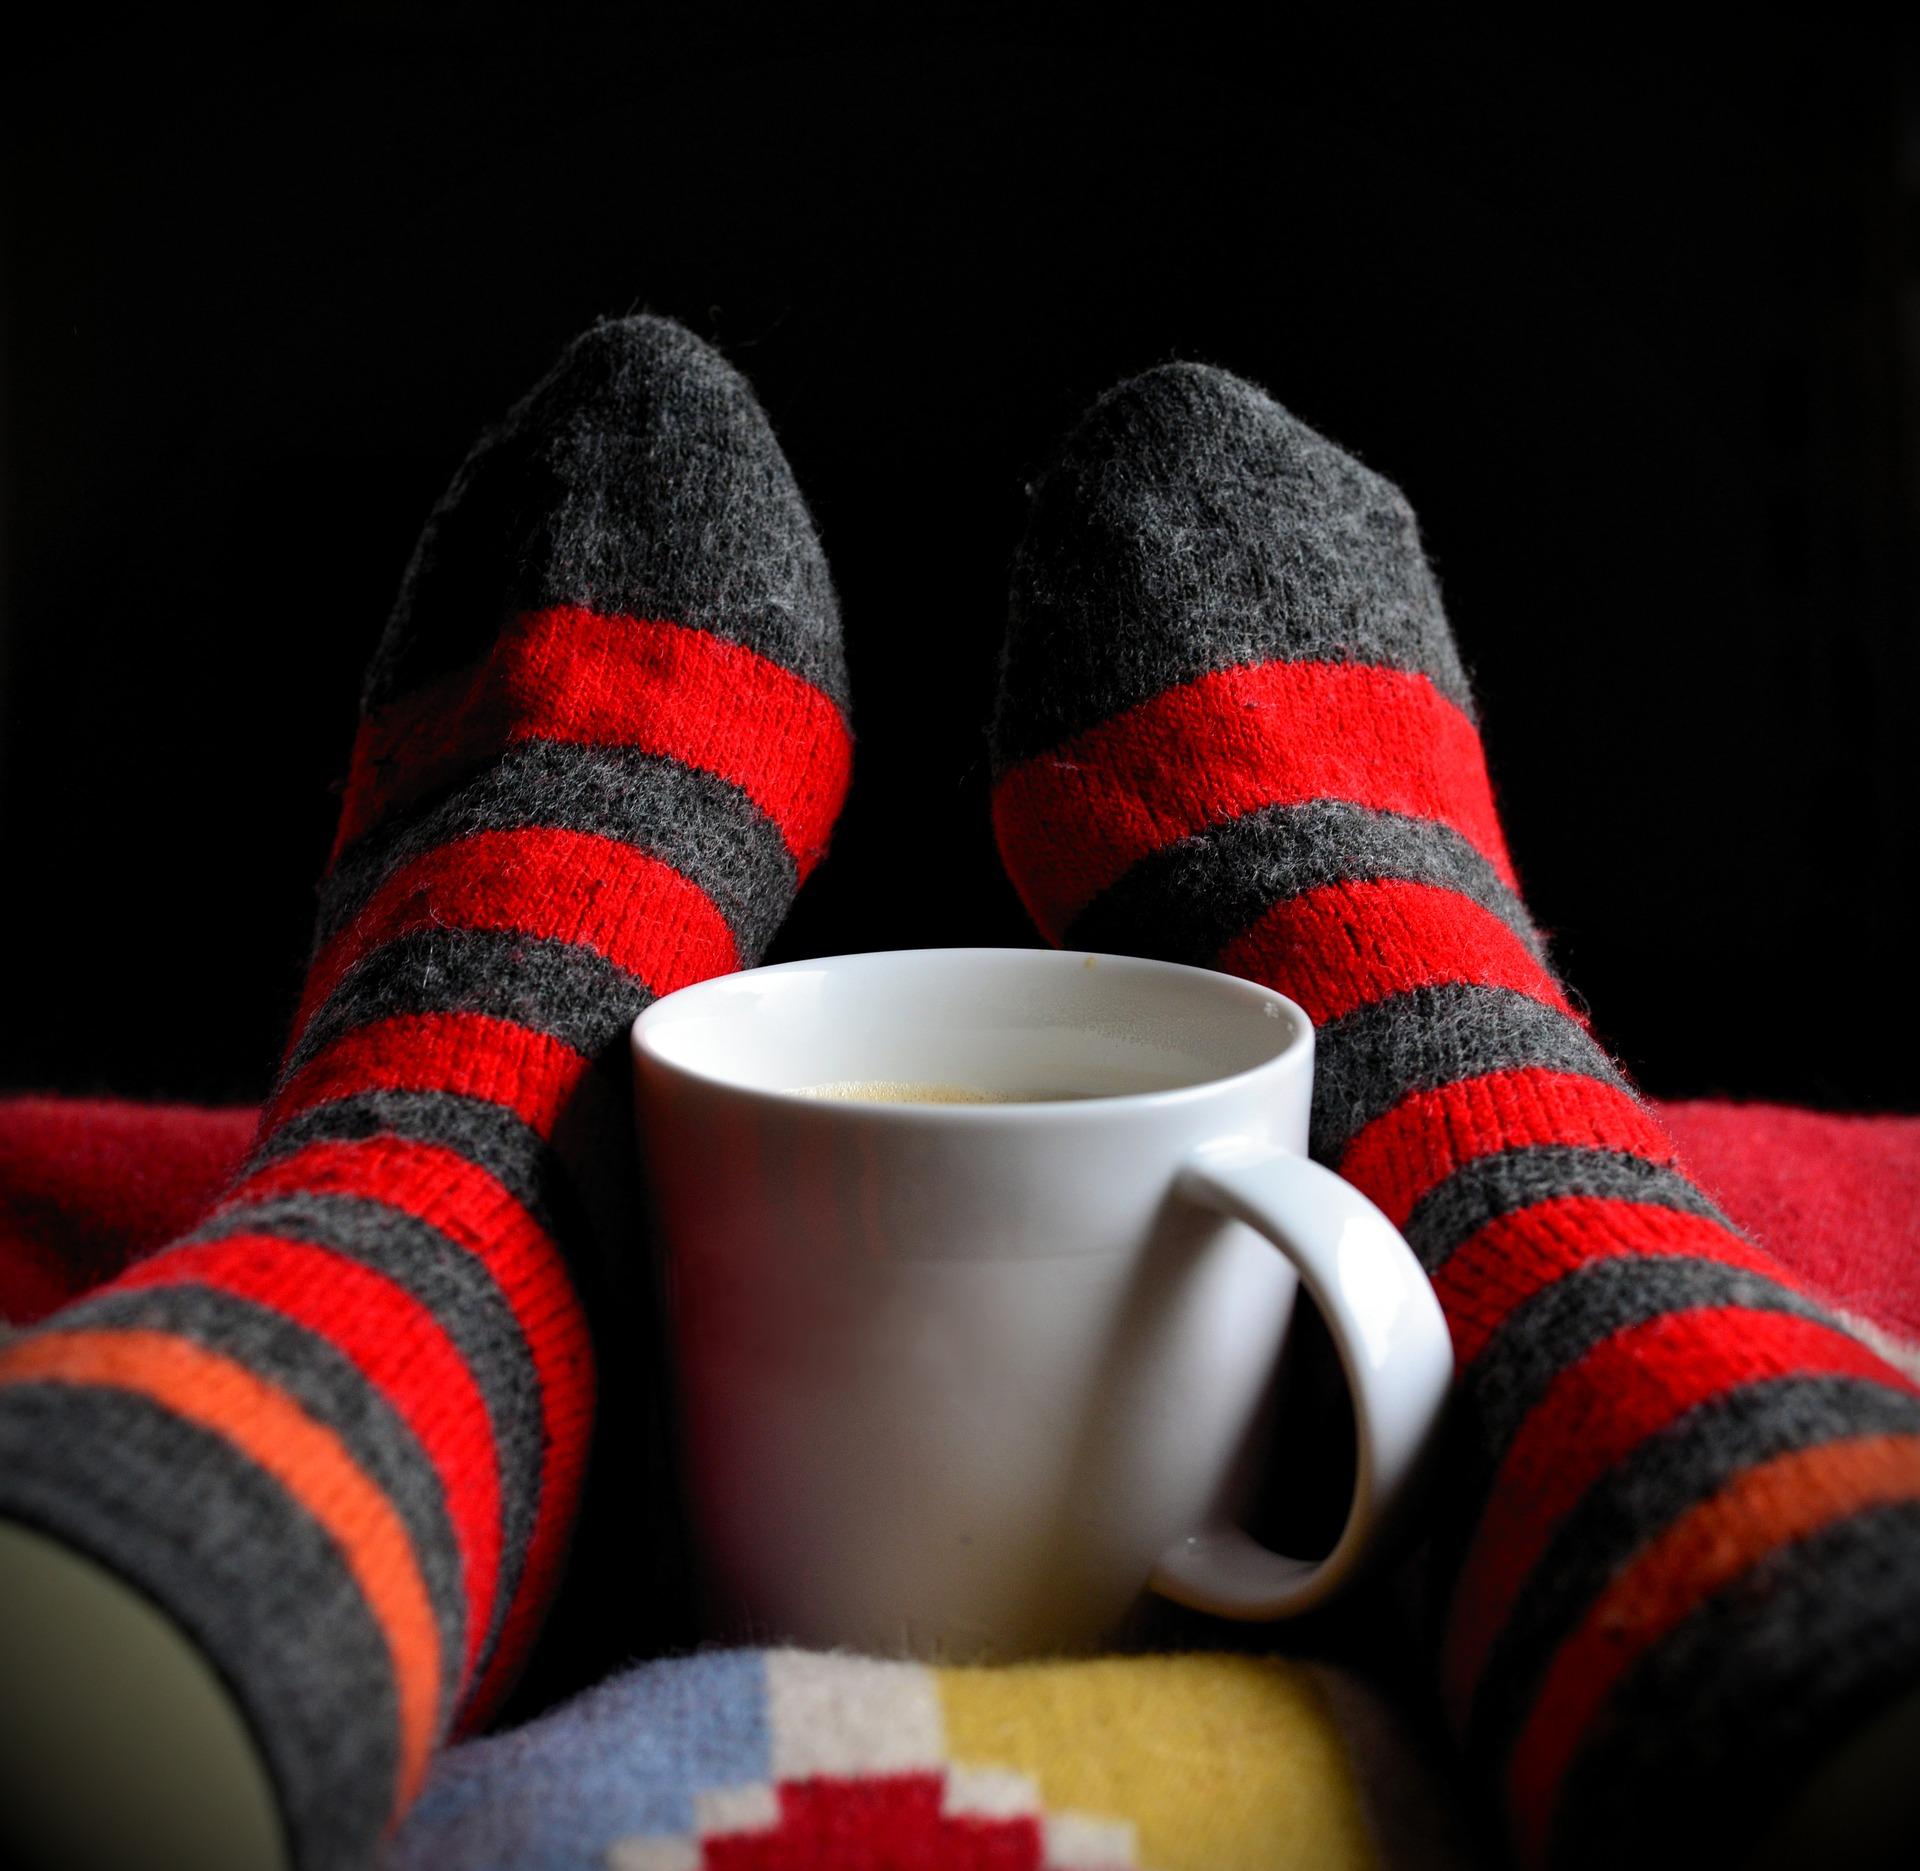 Füße in warmen Socken an einer Tasse mit Tee wärmen